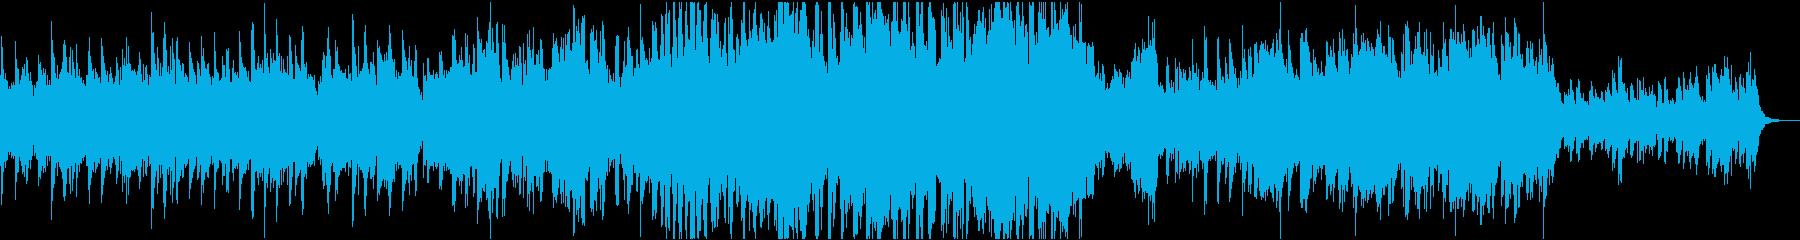 CM/企業VPに ピアノ壮大感動BGMの再生済みの波形